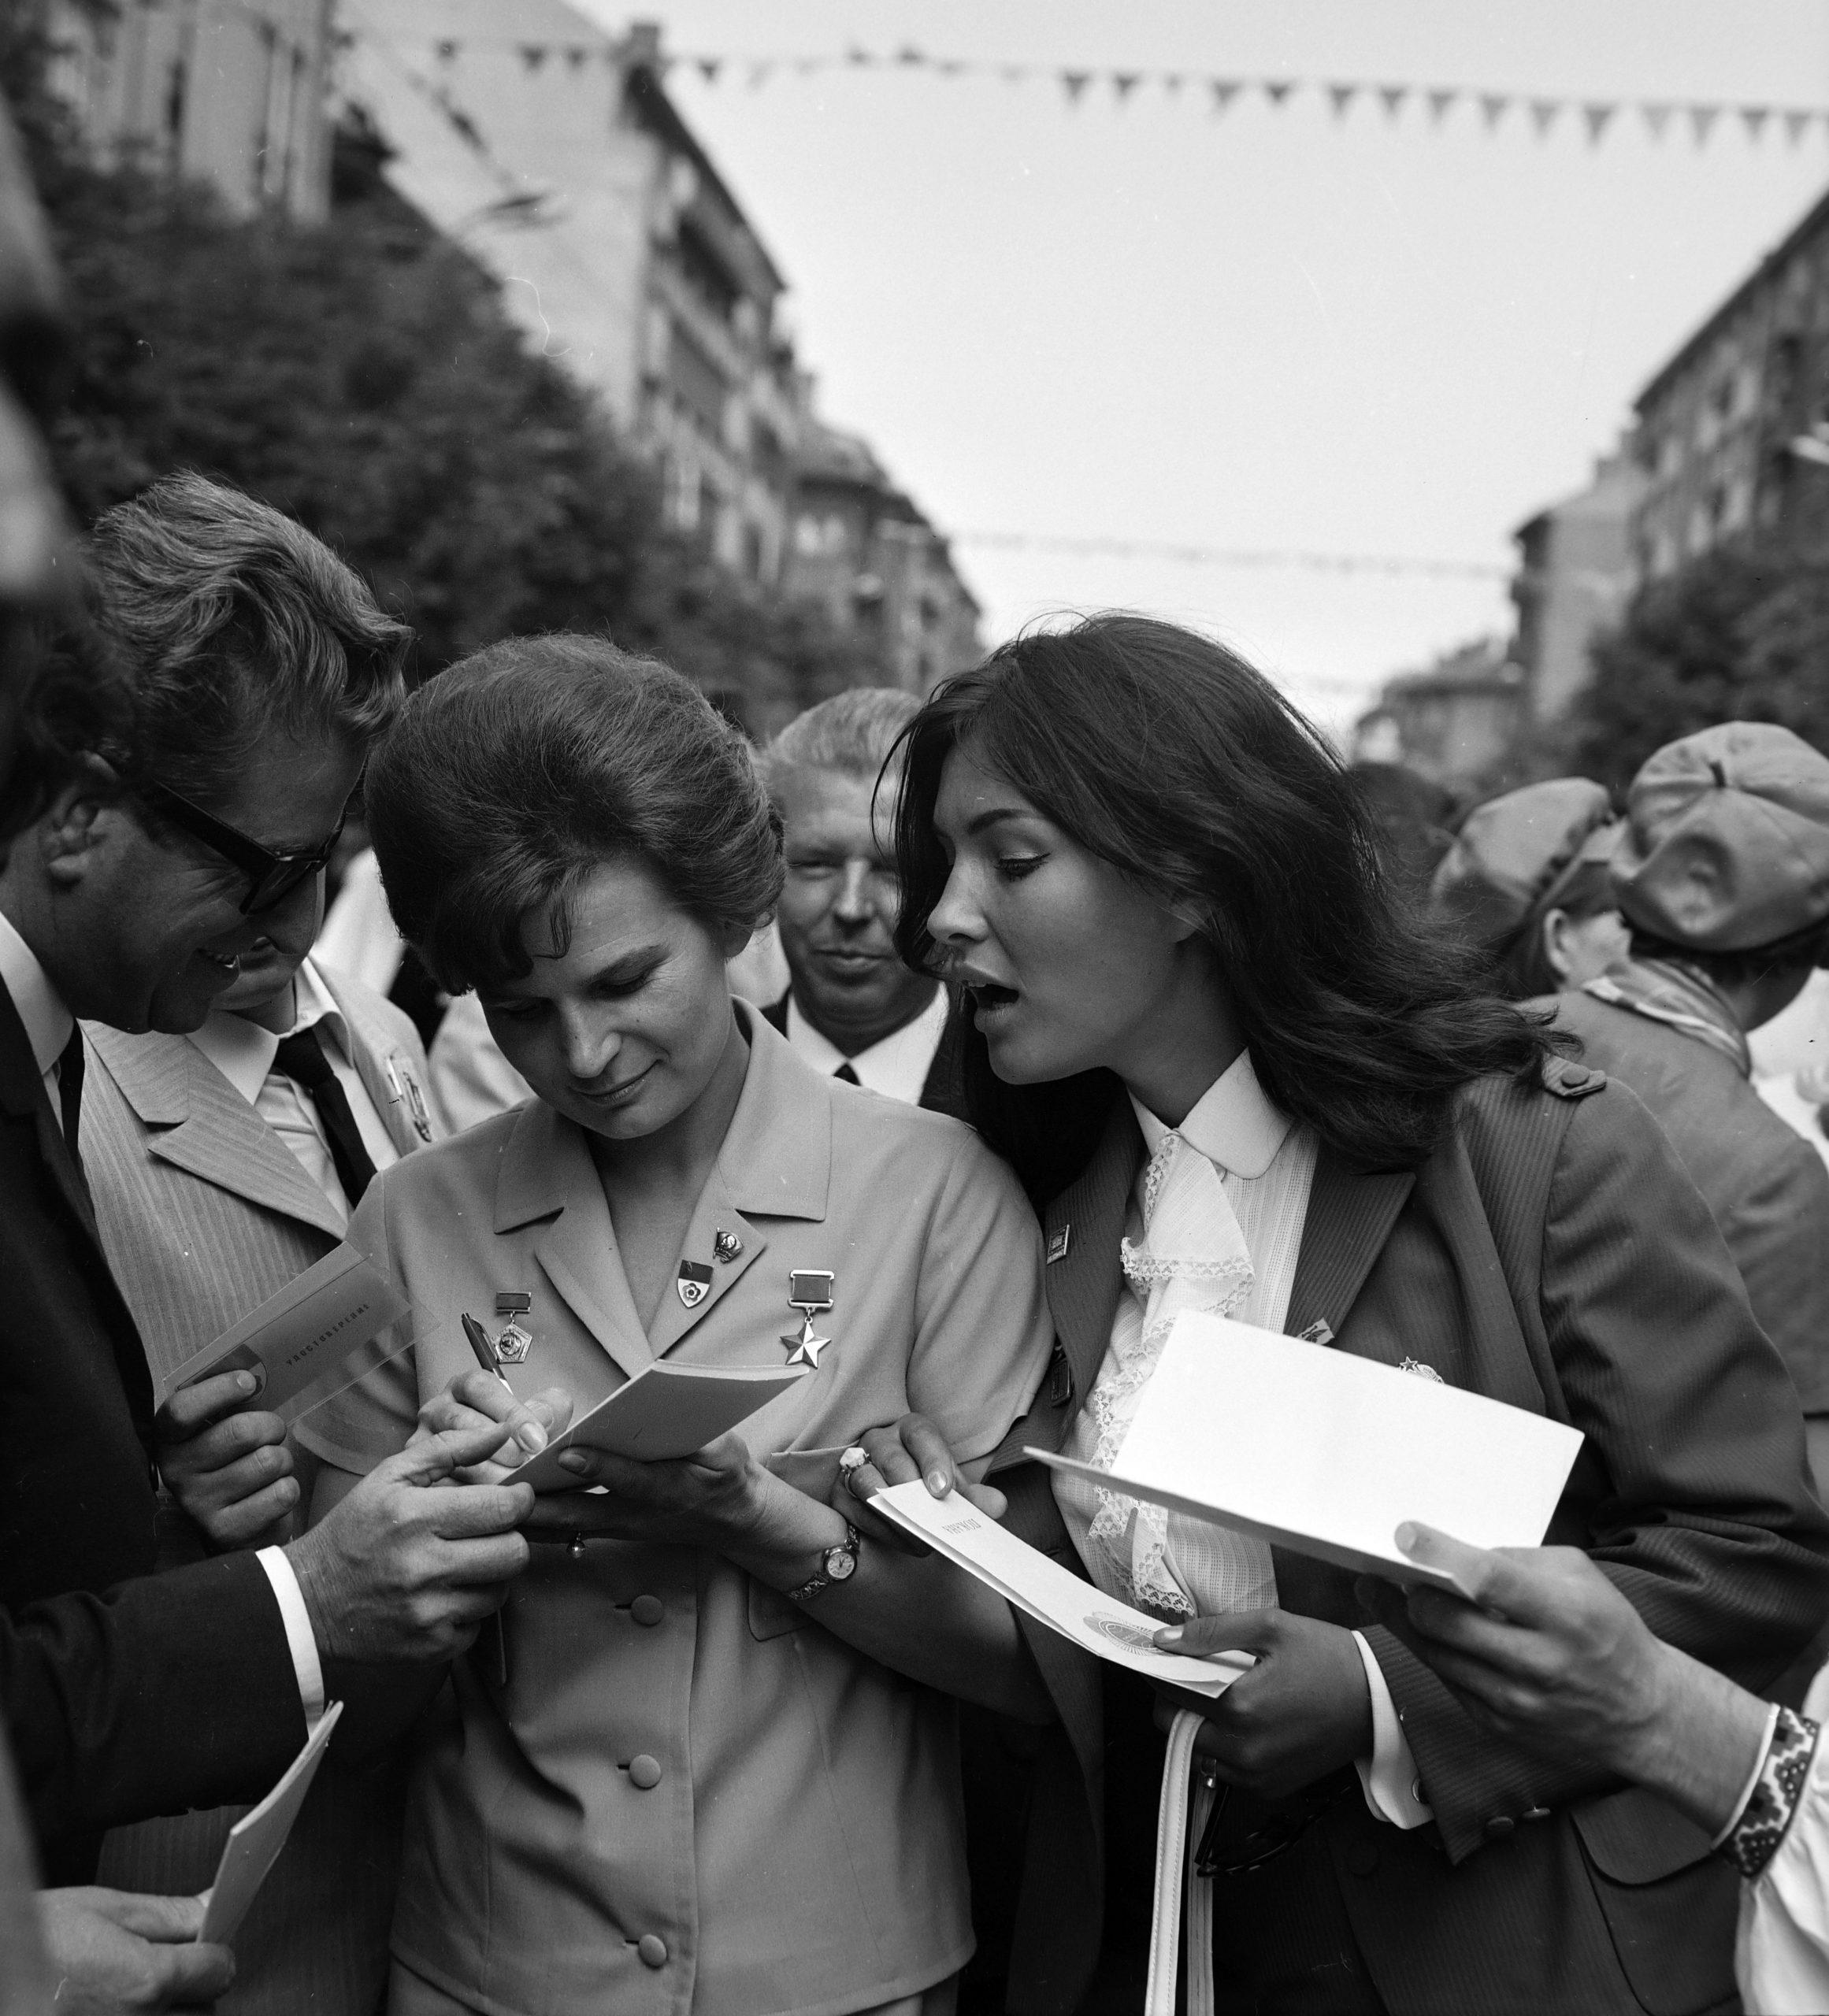 Vitosa sugárút, a felvétel a IX. VIT (Világifjúsági Találkozó) idején készült 1968-ban. Valentyina Tyereskova, az első női űrhajós és Pécsi Ildikó színművésznő. Fortepan/Szalay Zoltán